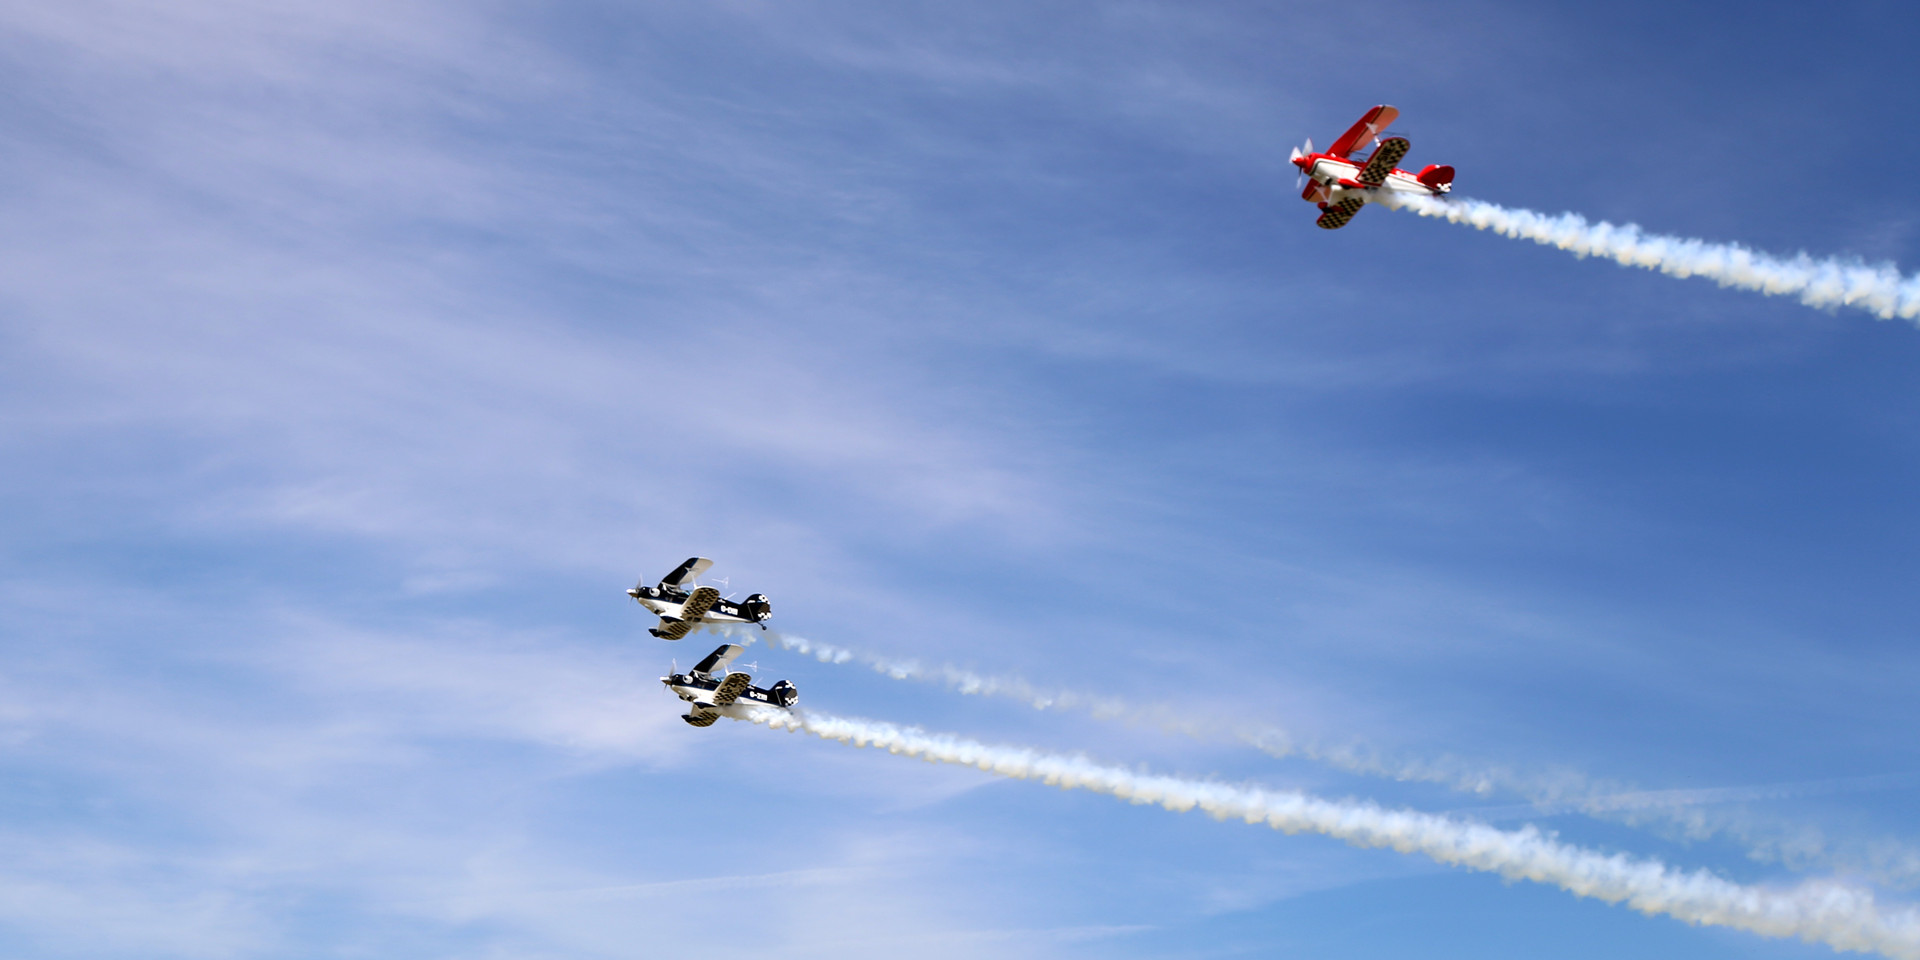 Old Buckingham air show